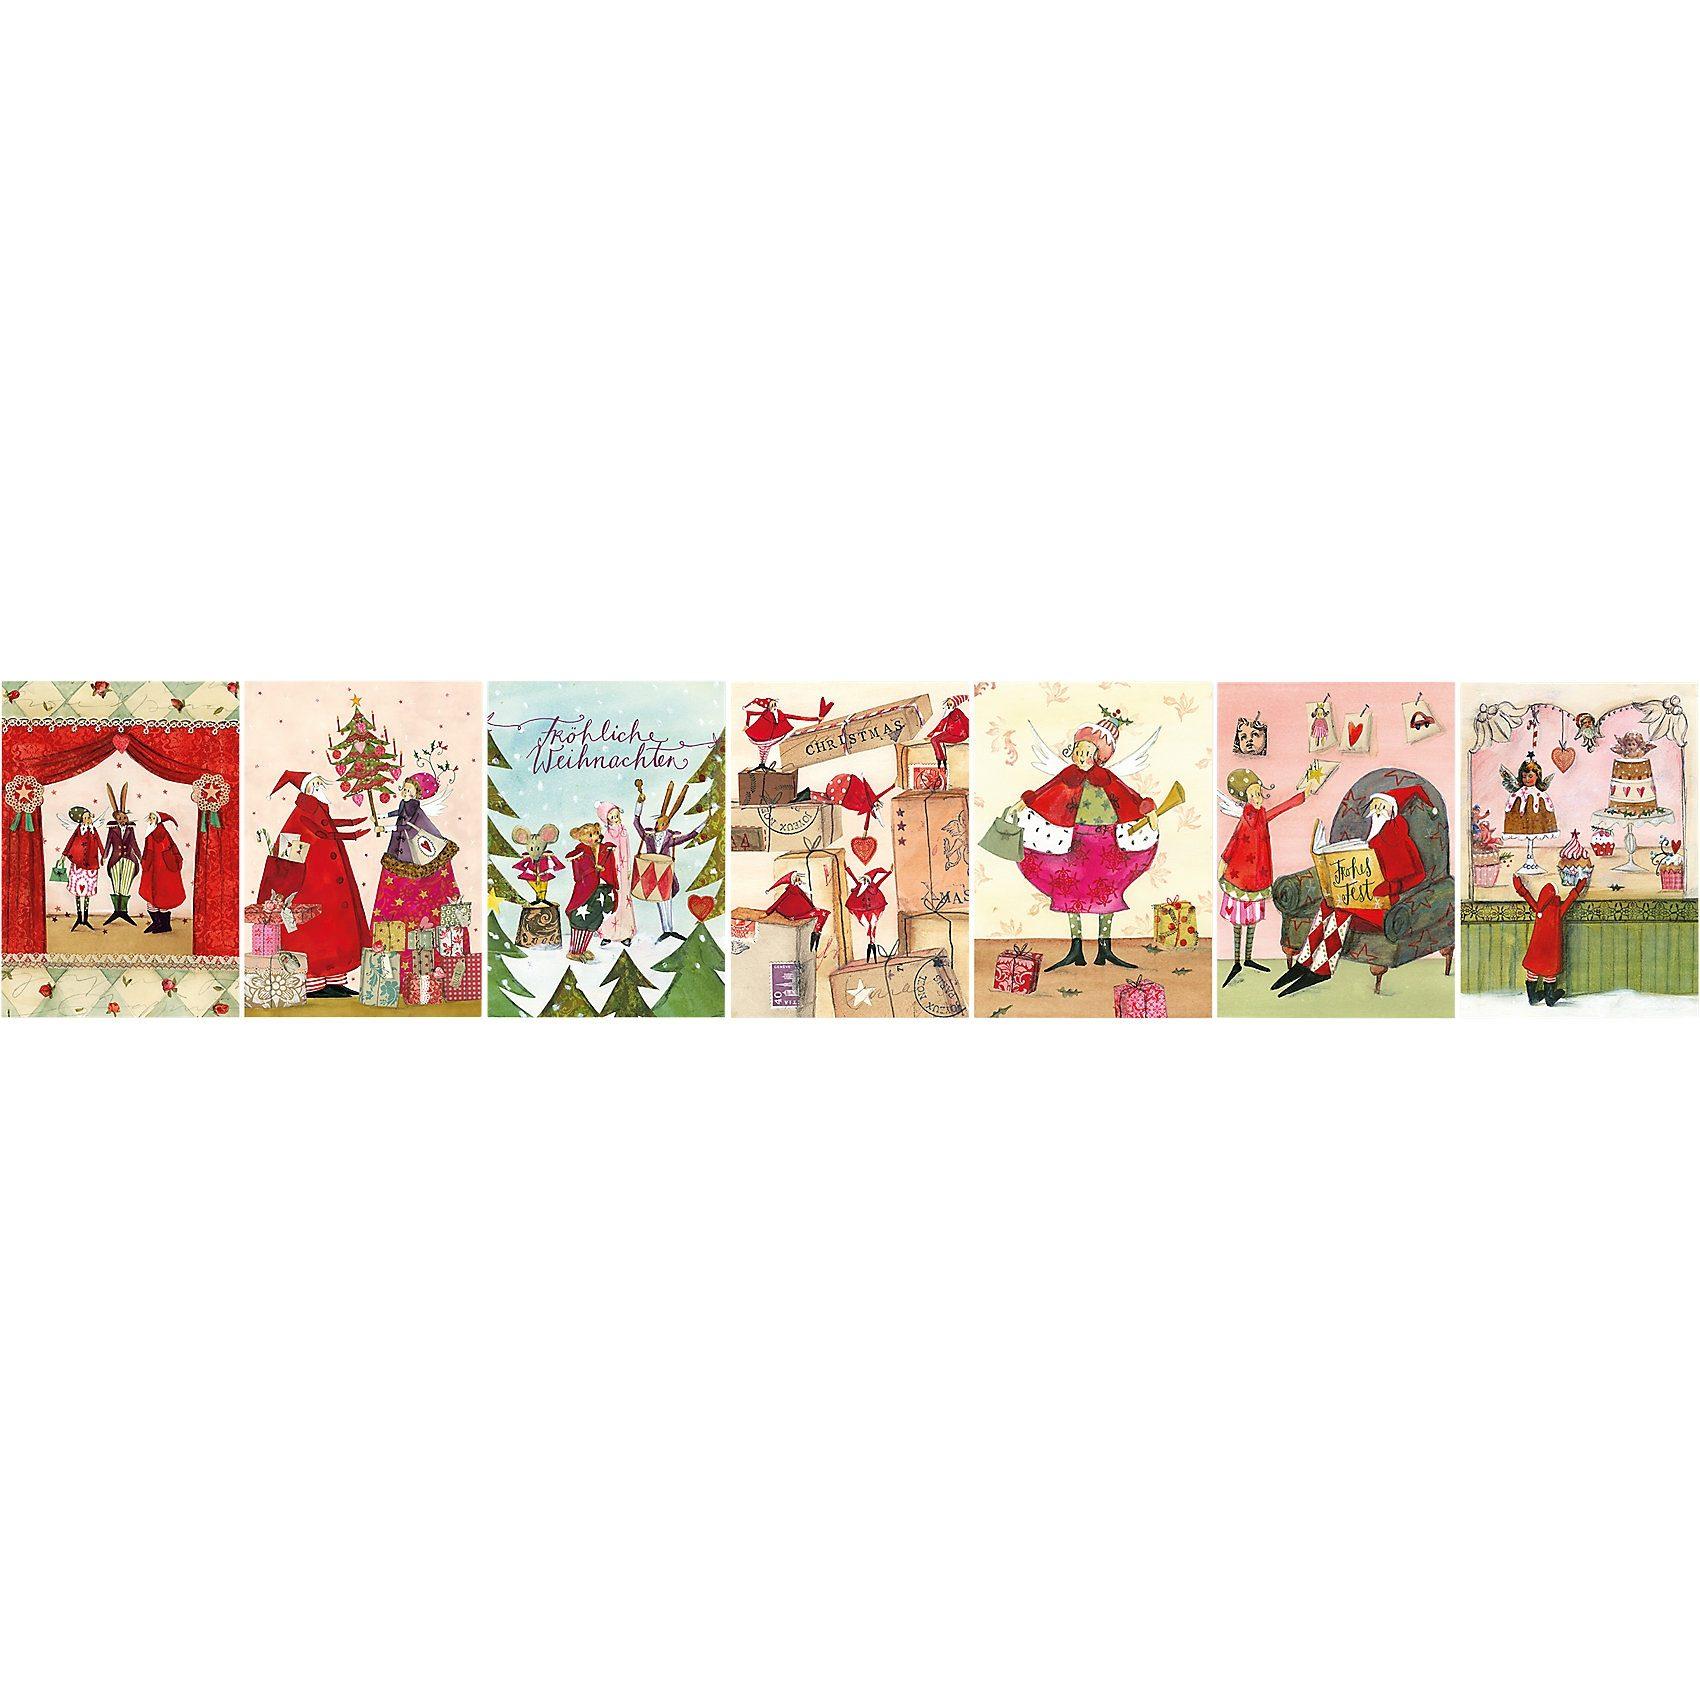 Grätz Verlag Weihnachtspostkarten-Set, 7 Stück